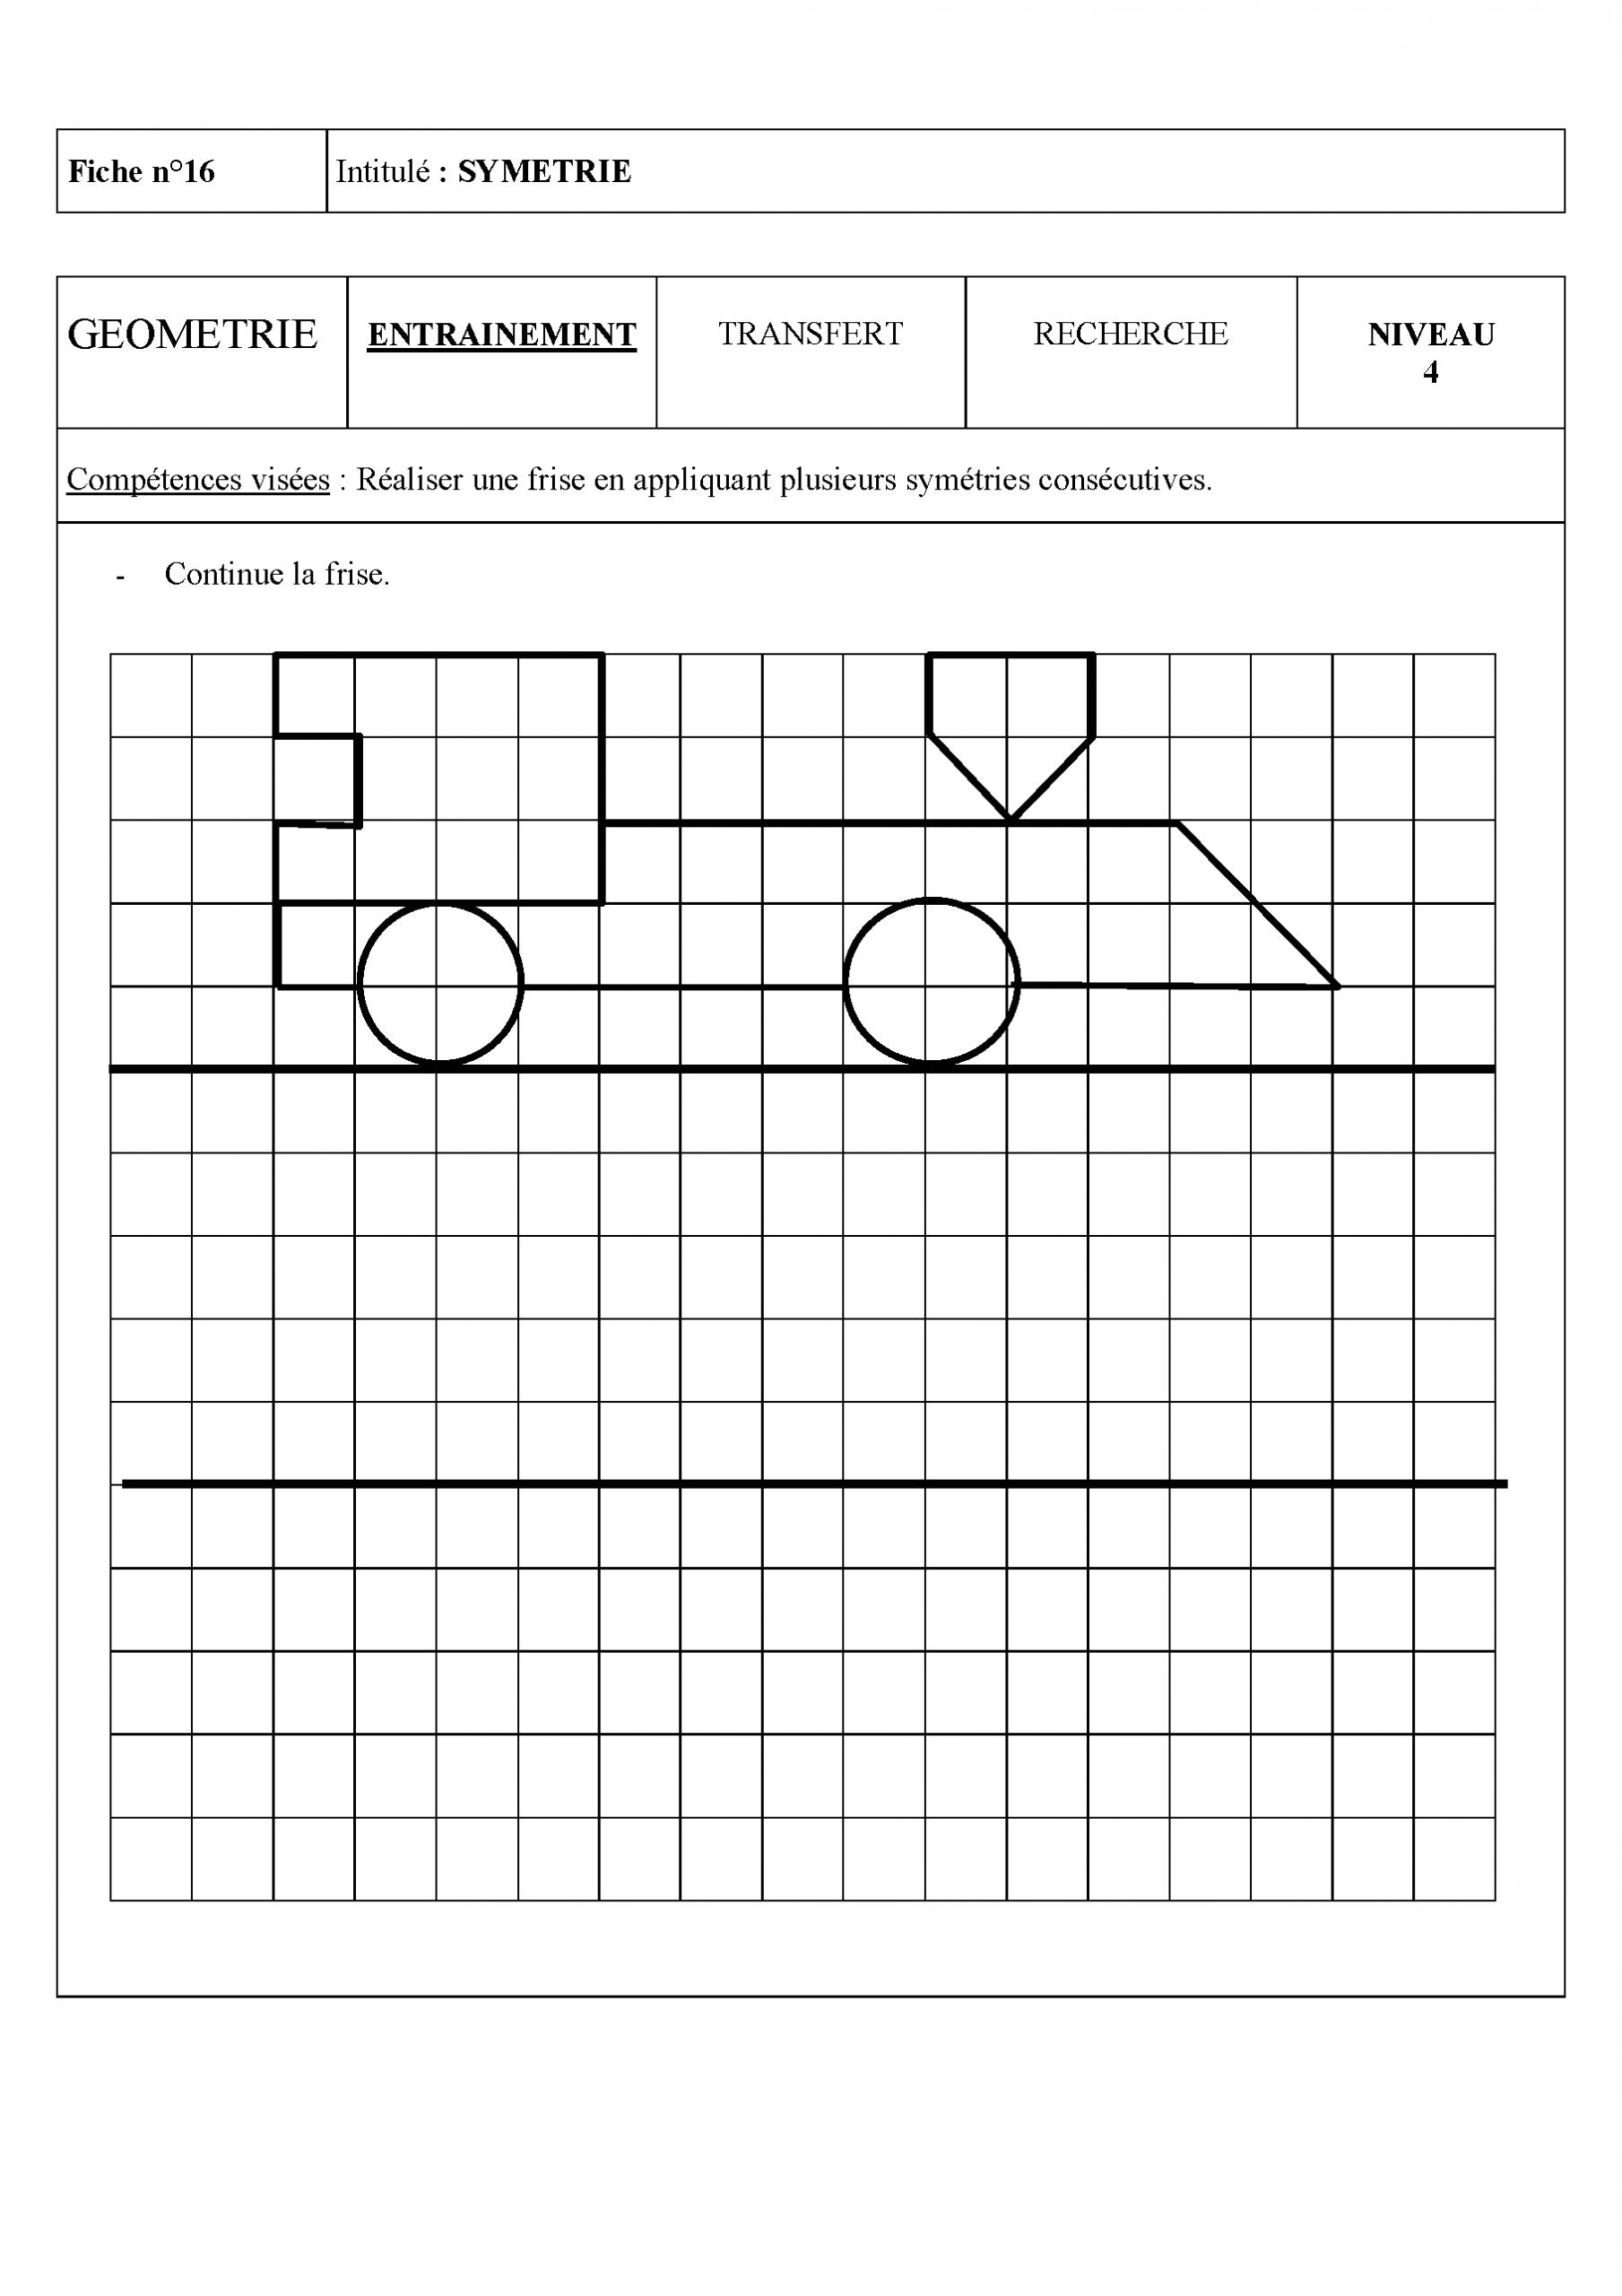 Épinglé Sur School / Ecole destiné Symétrie Ce1 Exercices